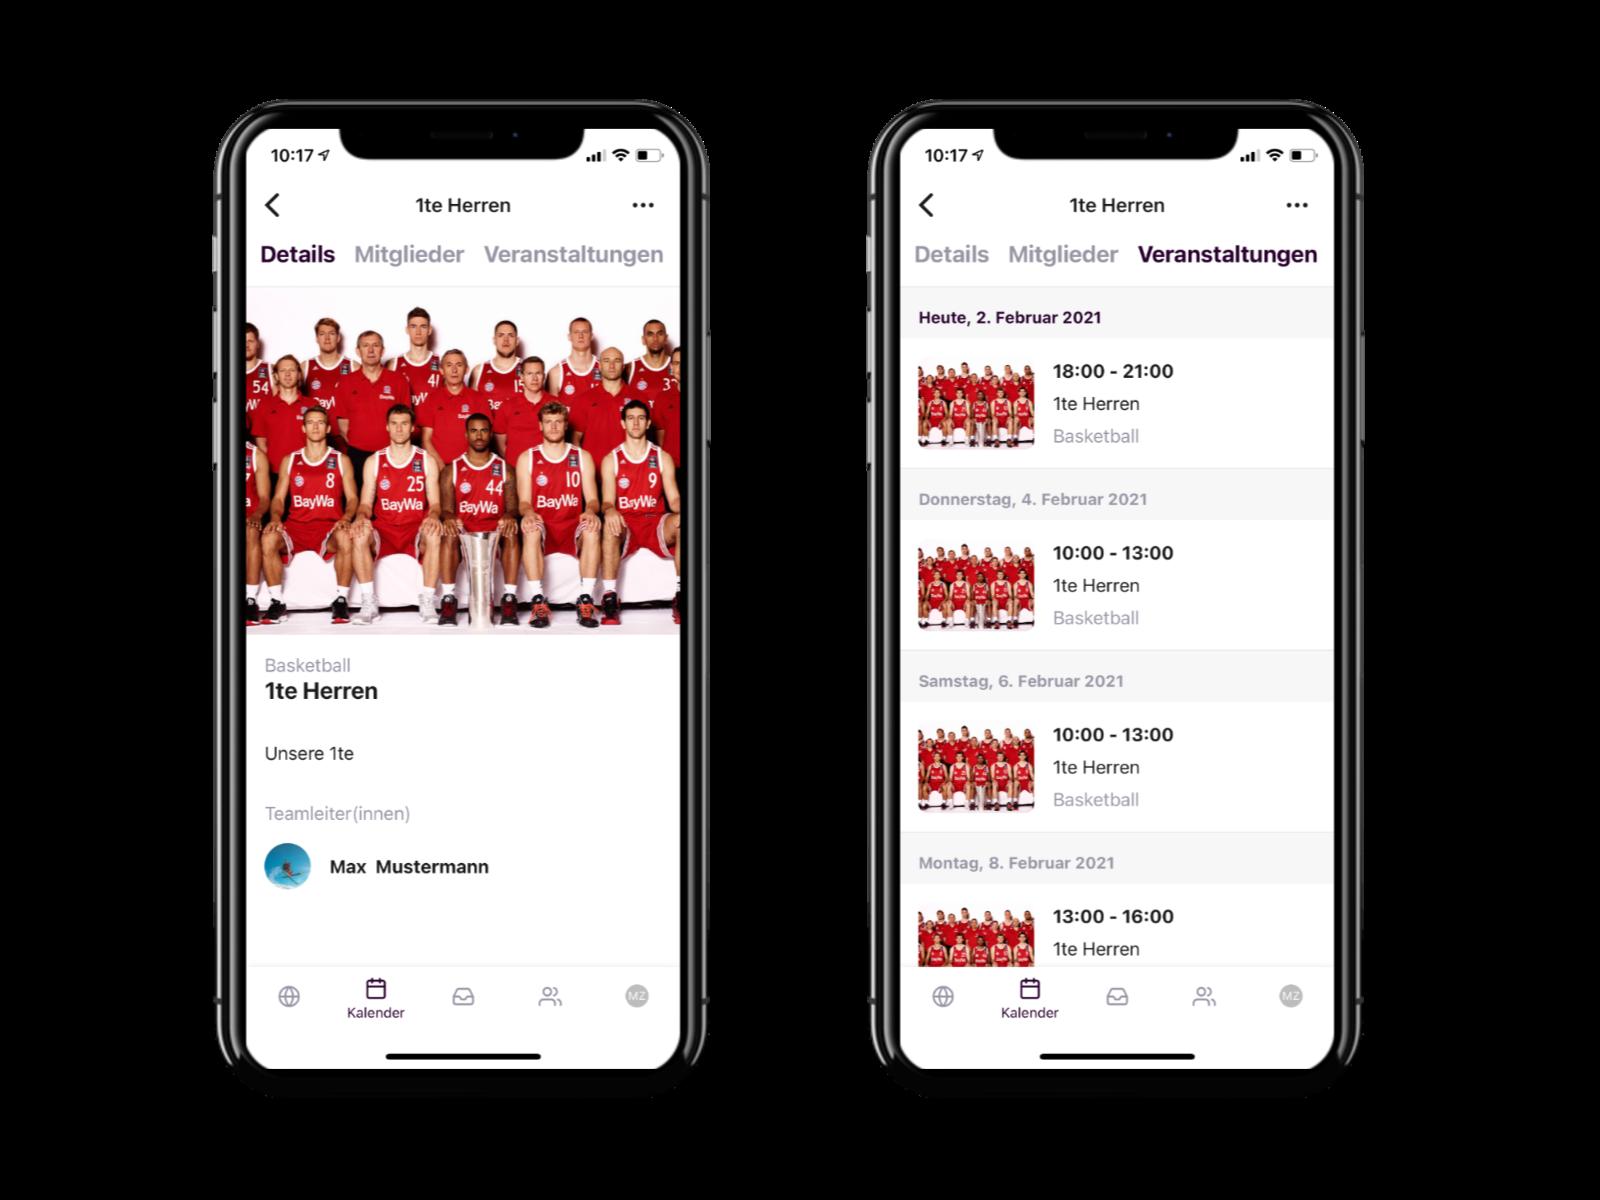 Zwei Handys zeigen die Vereinsapp. Rechts eine Ãœbersicht der Mannschaften im Verein, links eine detaillierte Ansicht eines Teams mit Texten und Bildern.